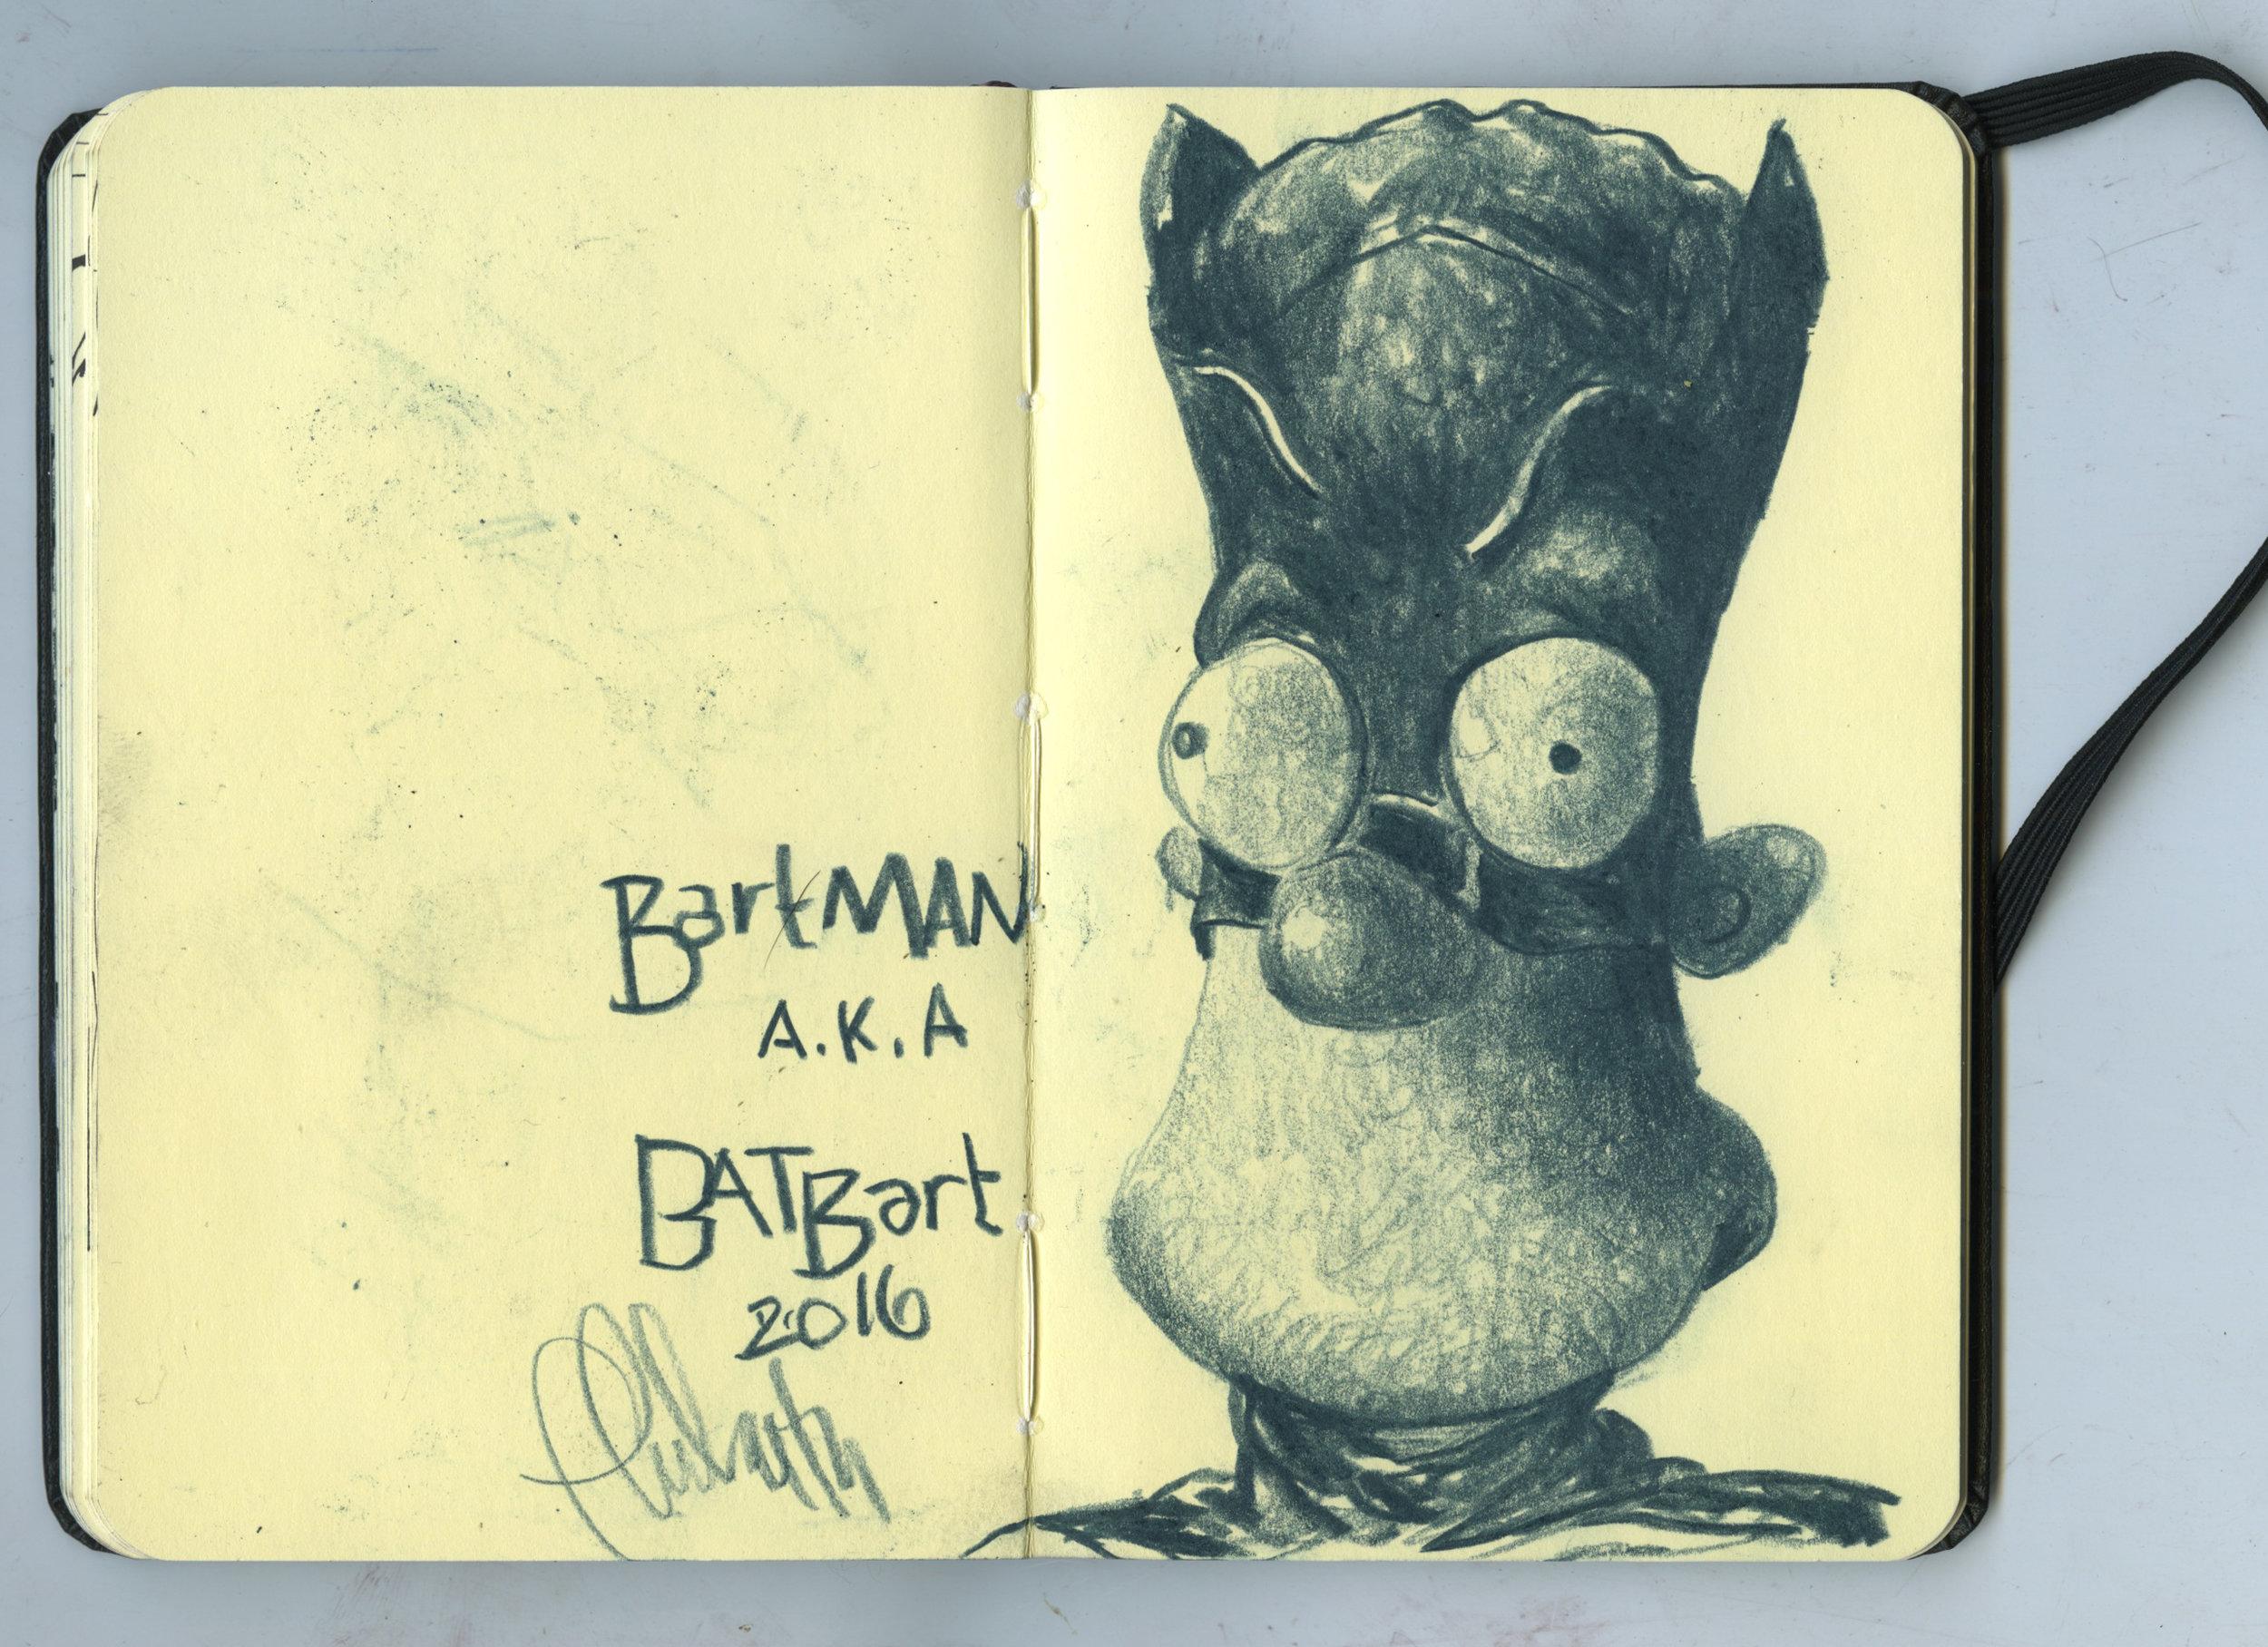 25_Bartman_150.jpg